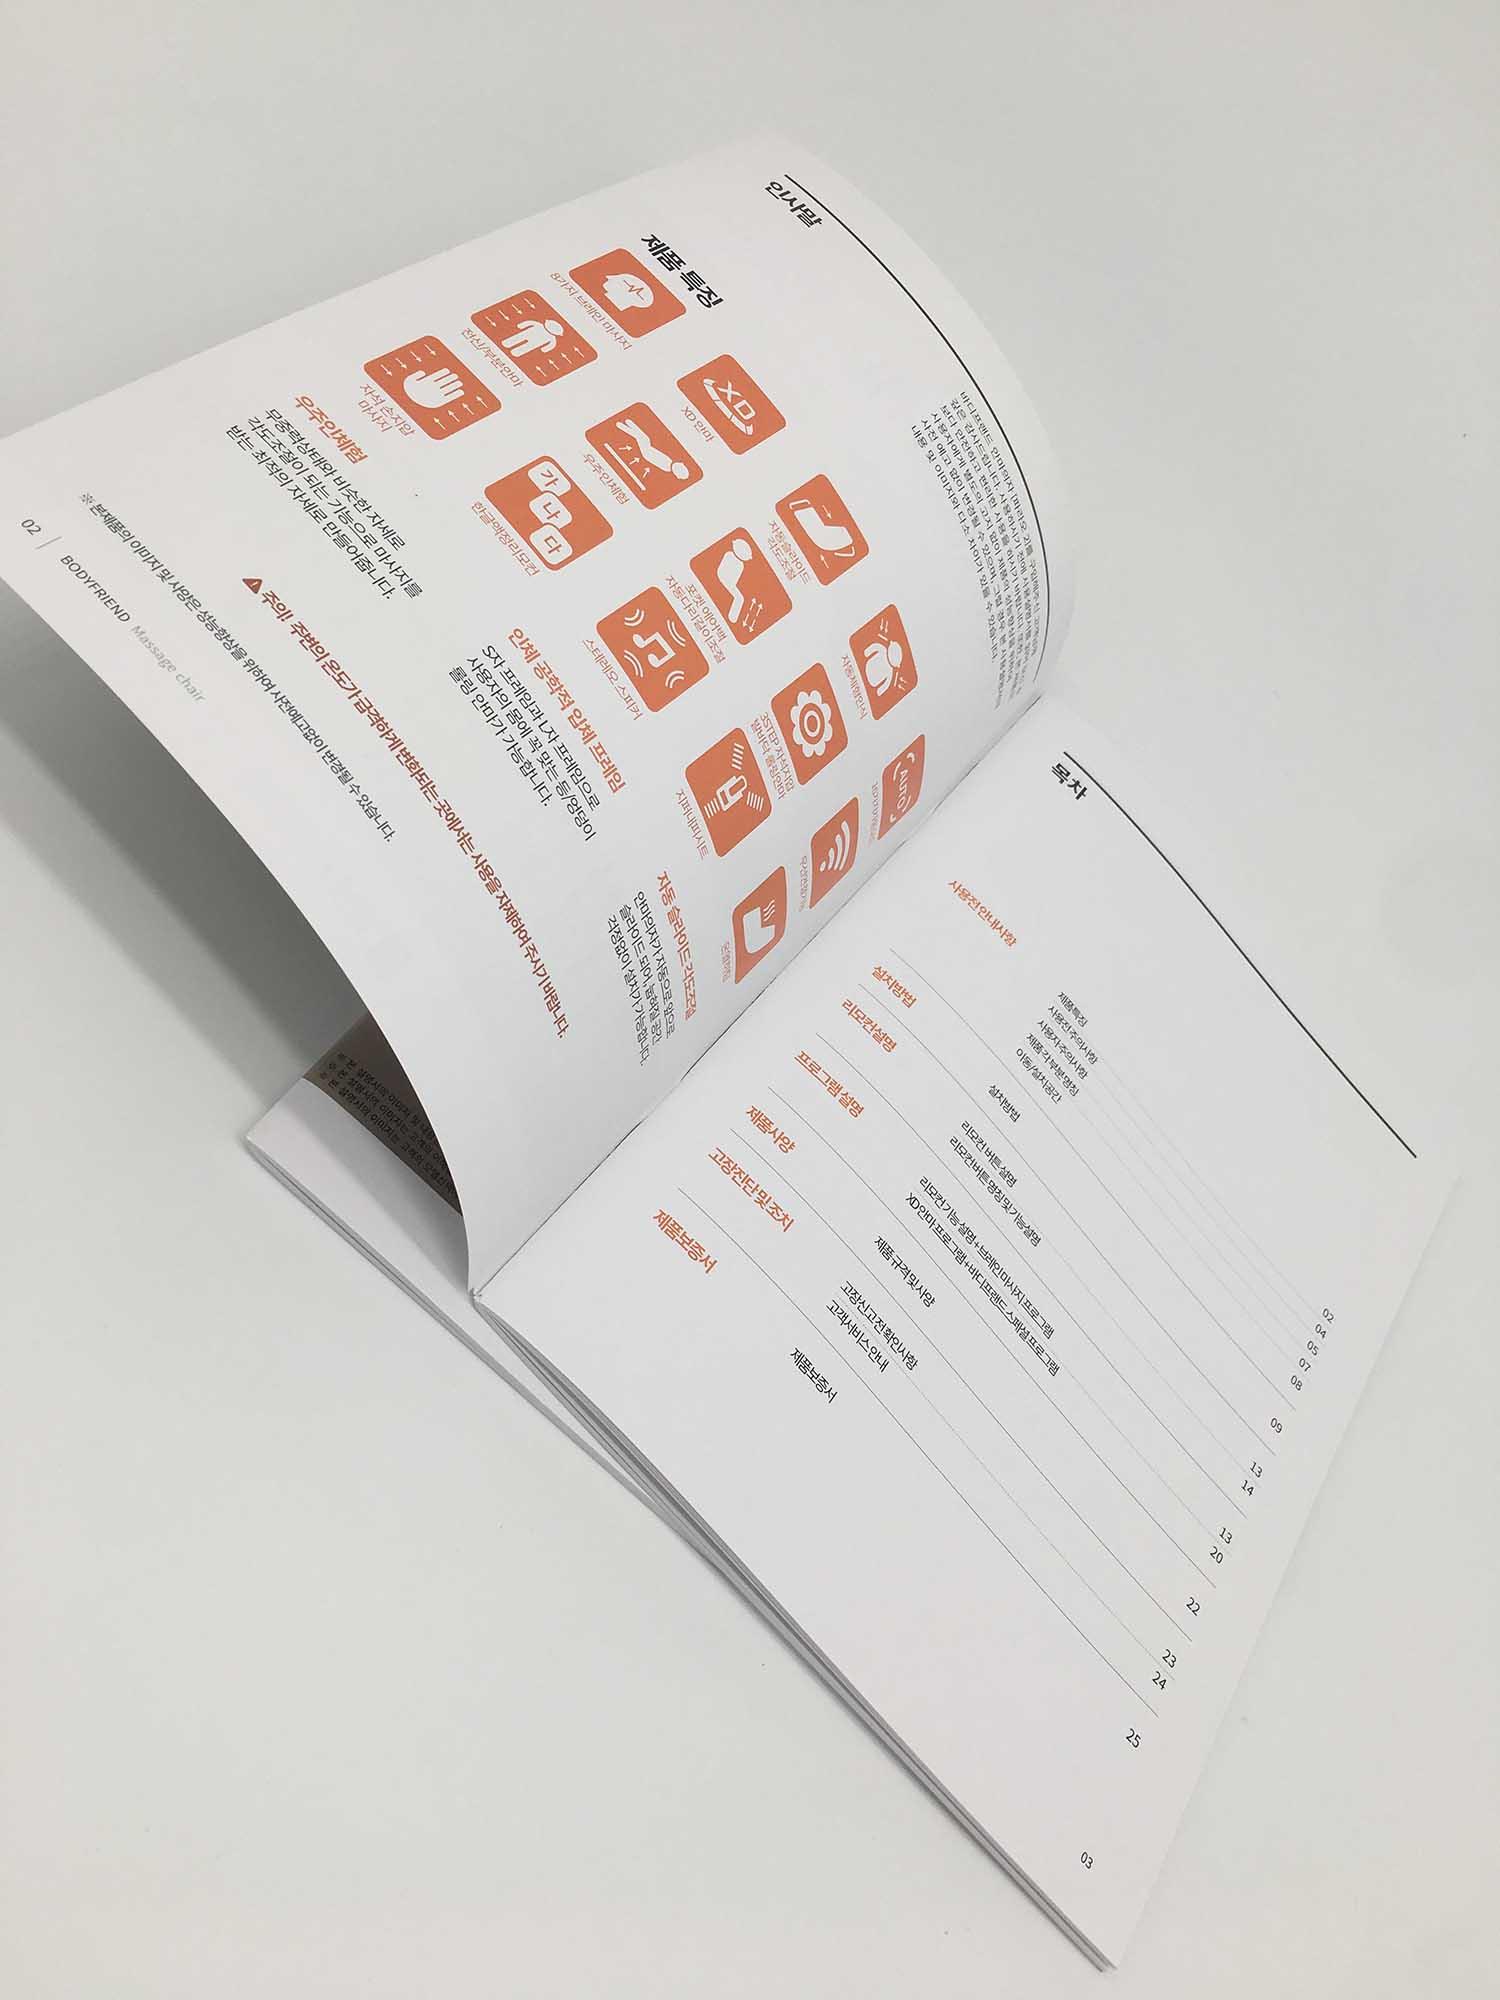 沈阳精装画册印刷工艺与制作